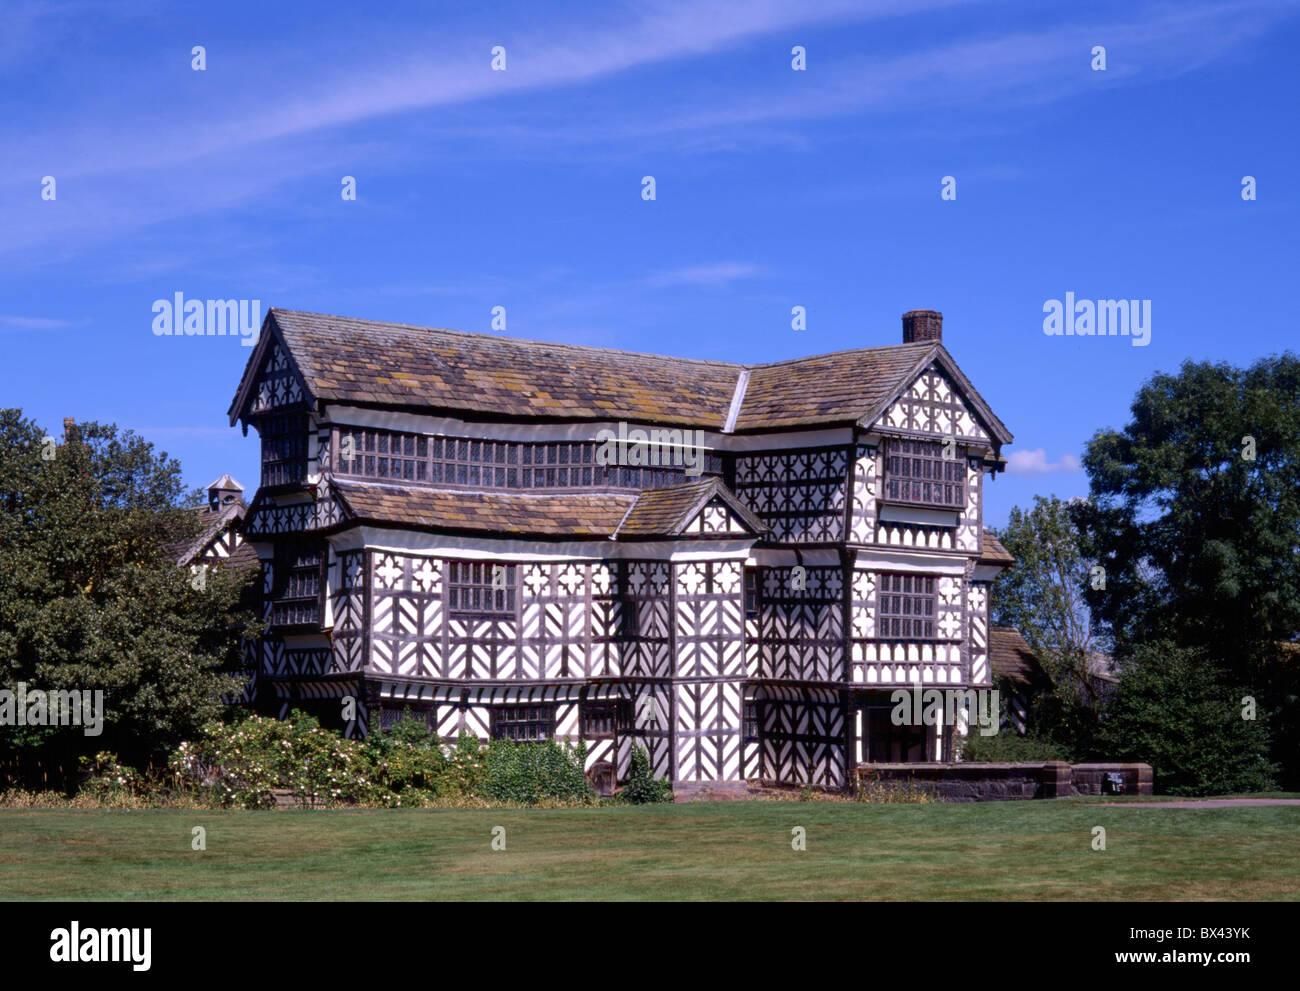 Little Moreton resonante casa marco histórico antiguas paredes entramadas conservación de monumentos hist Imagen De Stock